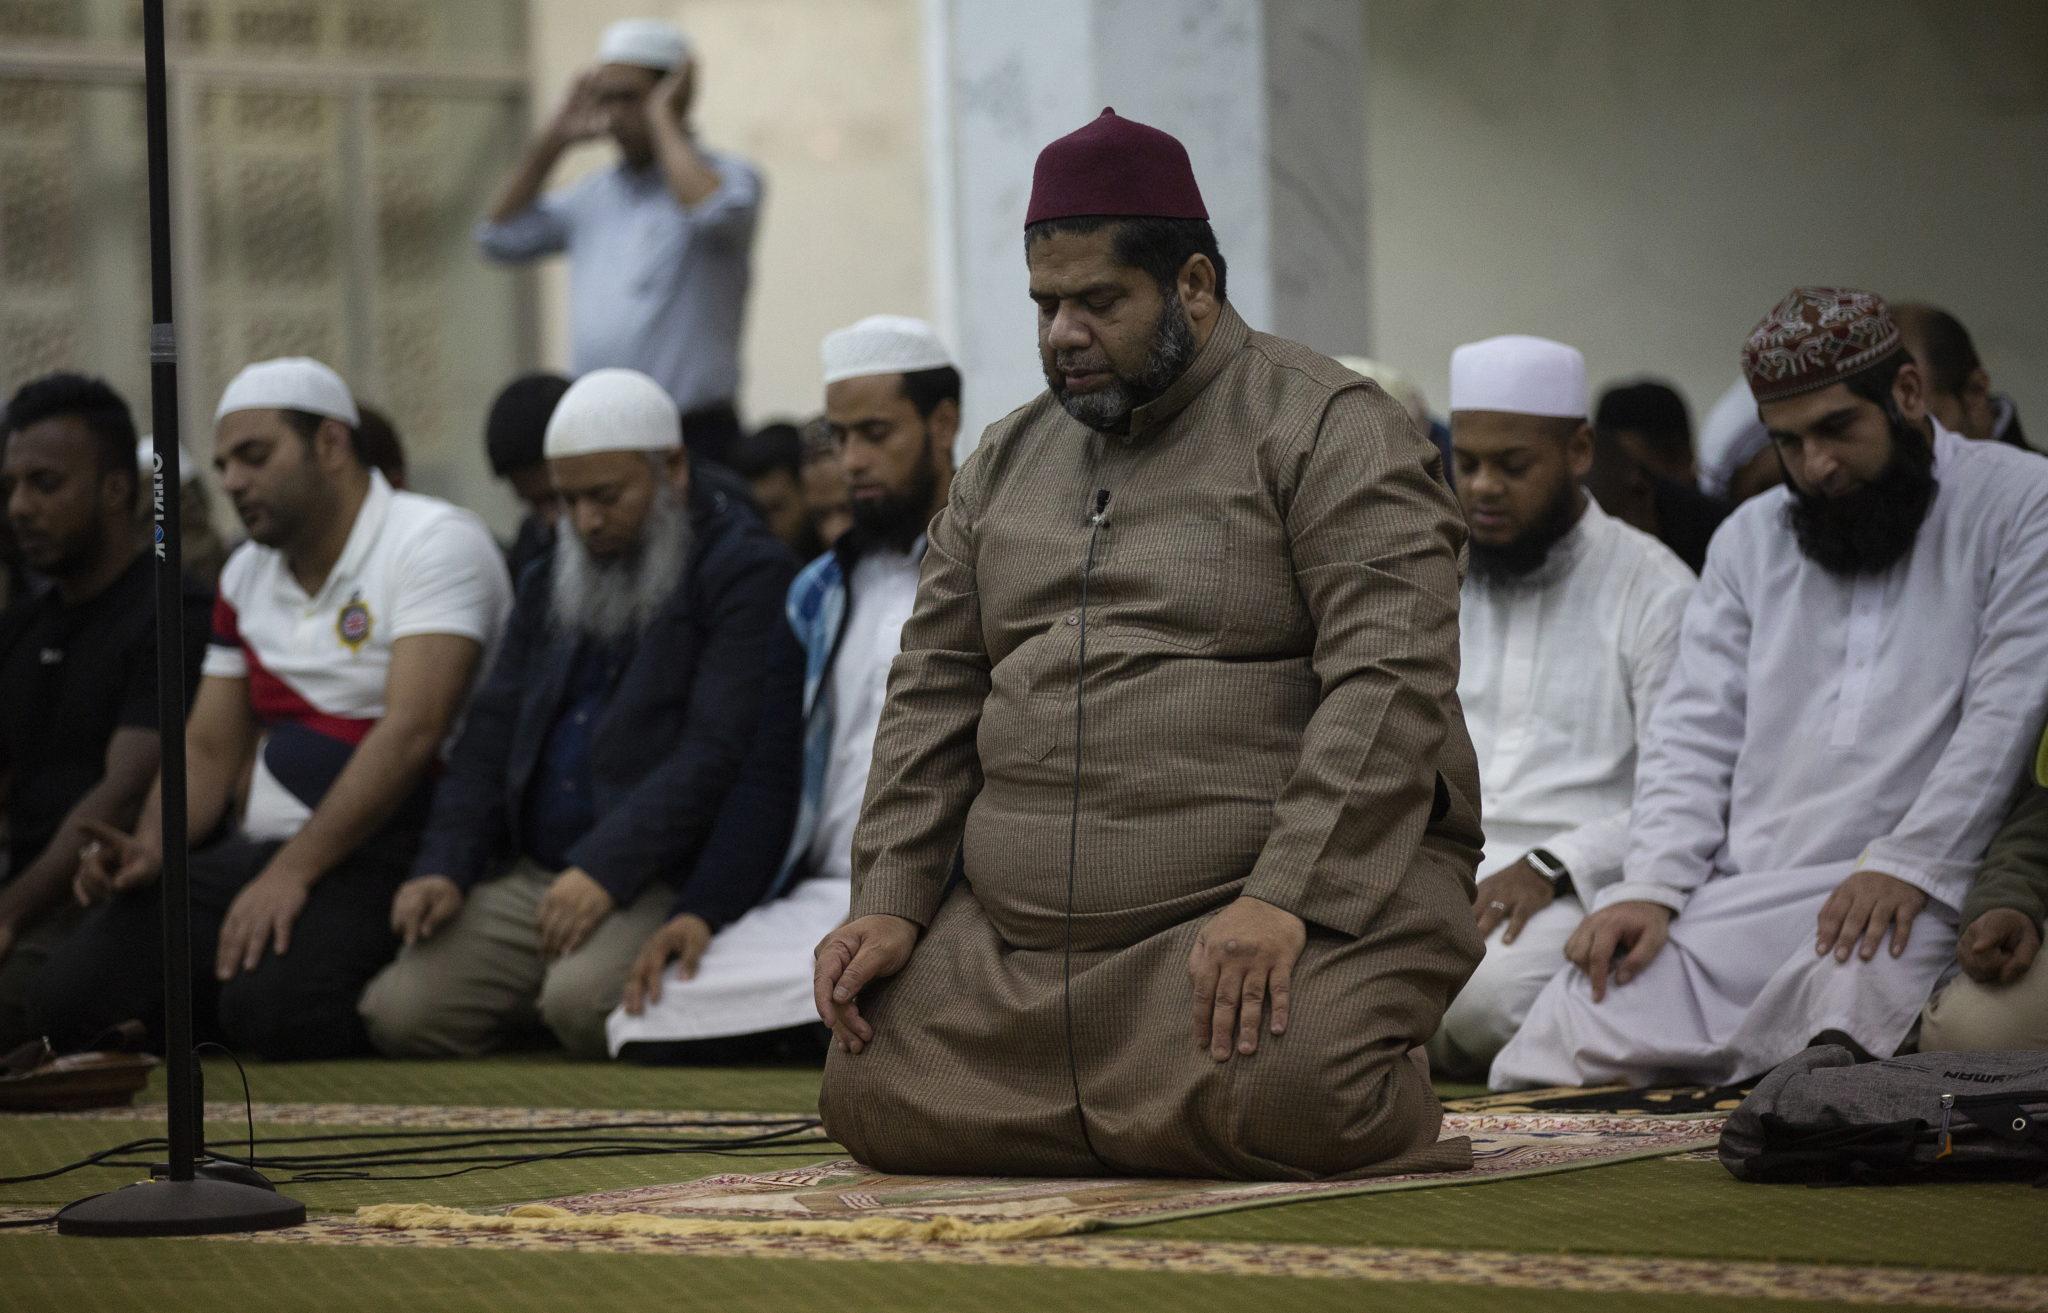 Chiny: muzułmanie w Hongkongu modlą się w meczecie Kowloon Tsim Sha Tsui, fot. ALEX HOFFORD, PAP/EPA